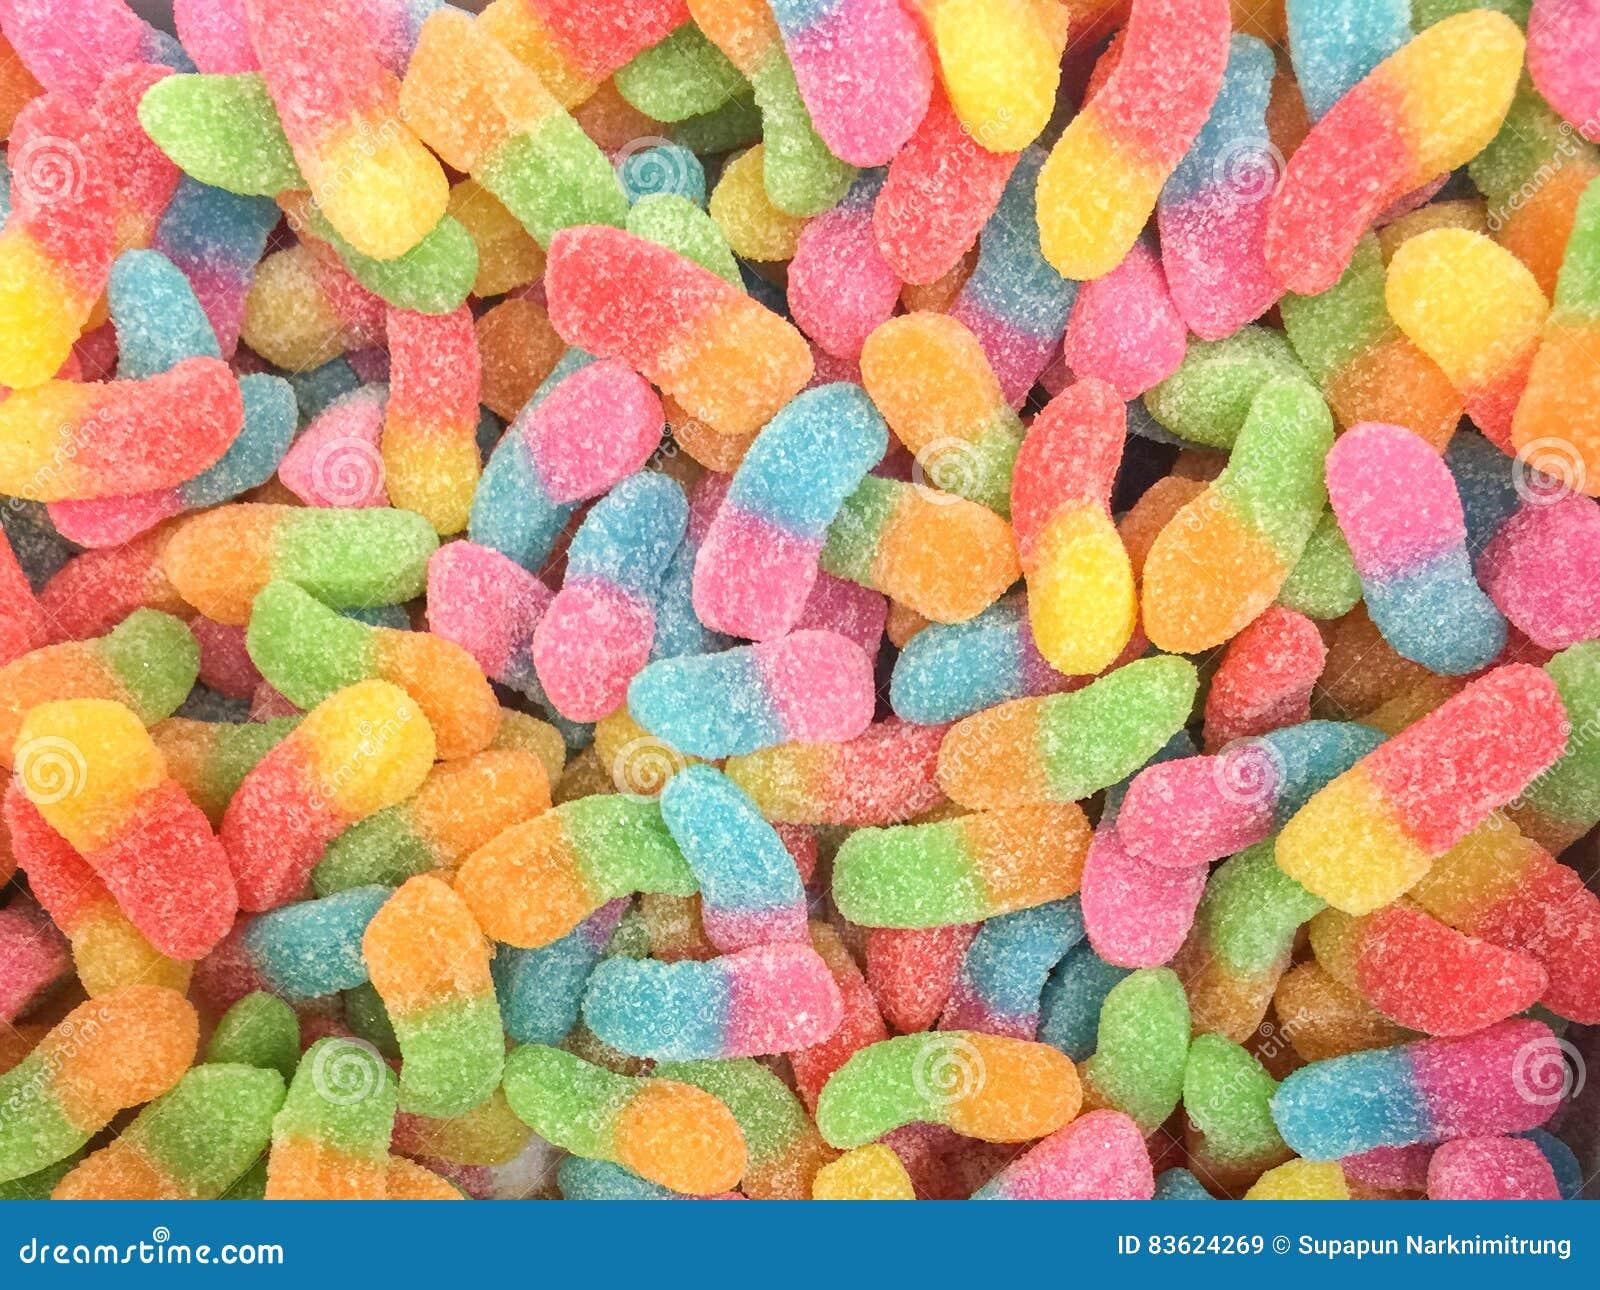 Ζωηρόχρωμη bonbon καραμελών ζελατίνας ομάδα πρόχειρων φαγητών γλυκό για το υπόβαθρο ημέρας βαλεντίνων χρώμα κρητιδογραφιών στο γα